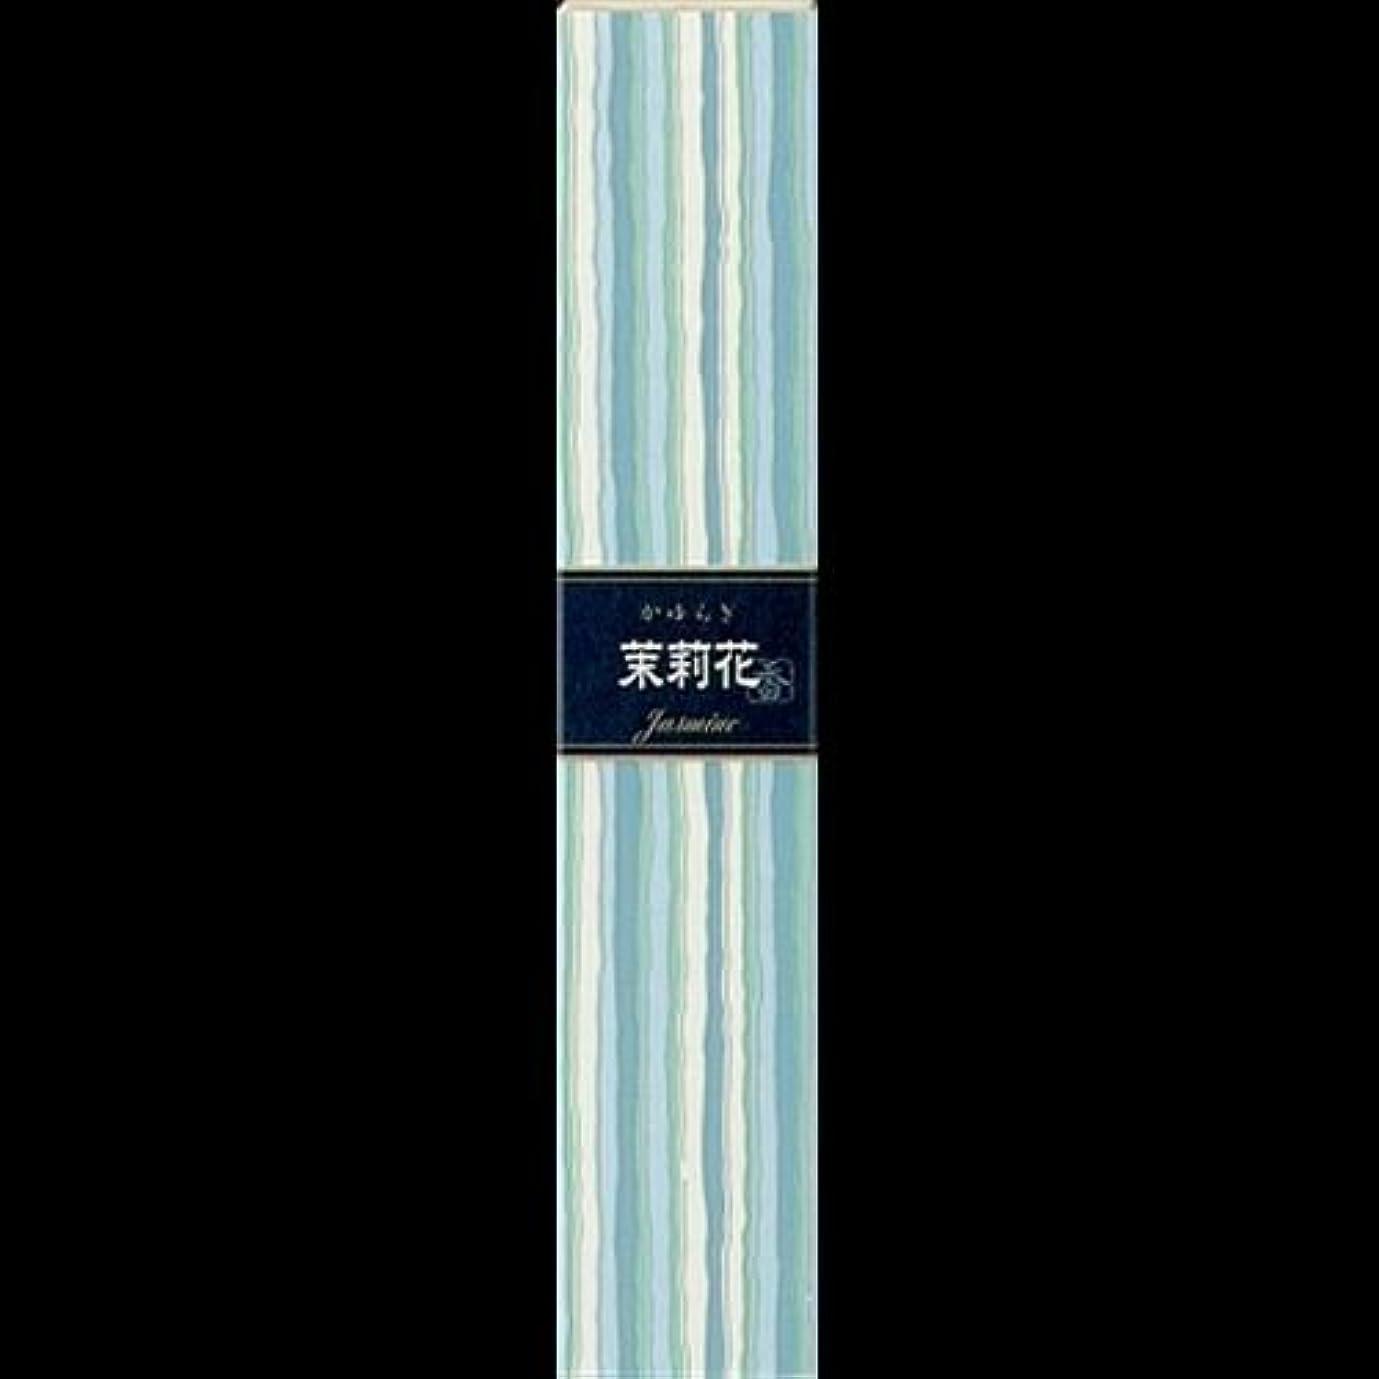 震える一過性コンペ【まとめ買い】かゆらぎ 茉莉花(まつりか) ×2セット